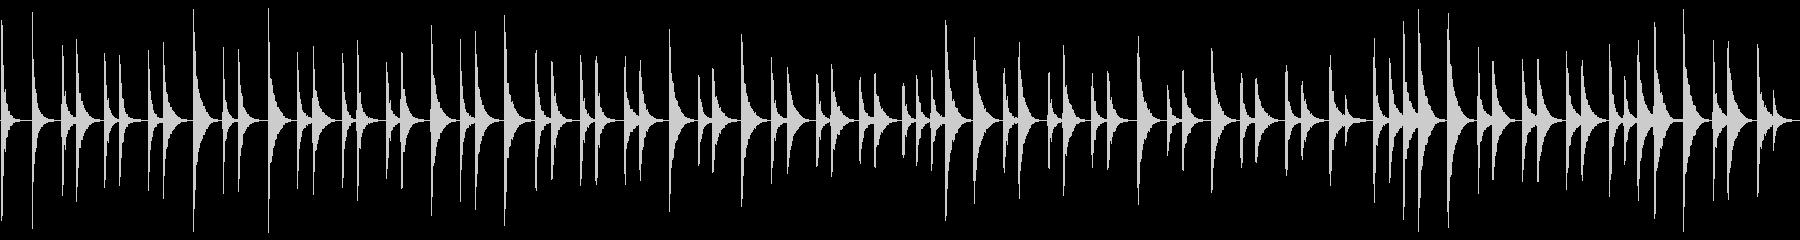 COWBELL:ラテンリズムの未再生の波形